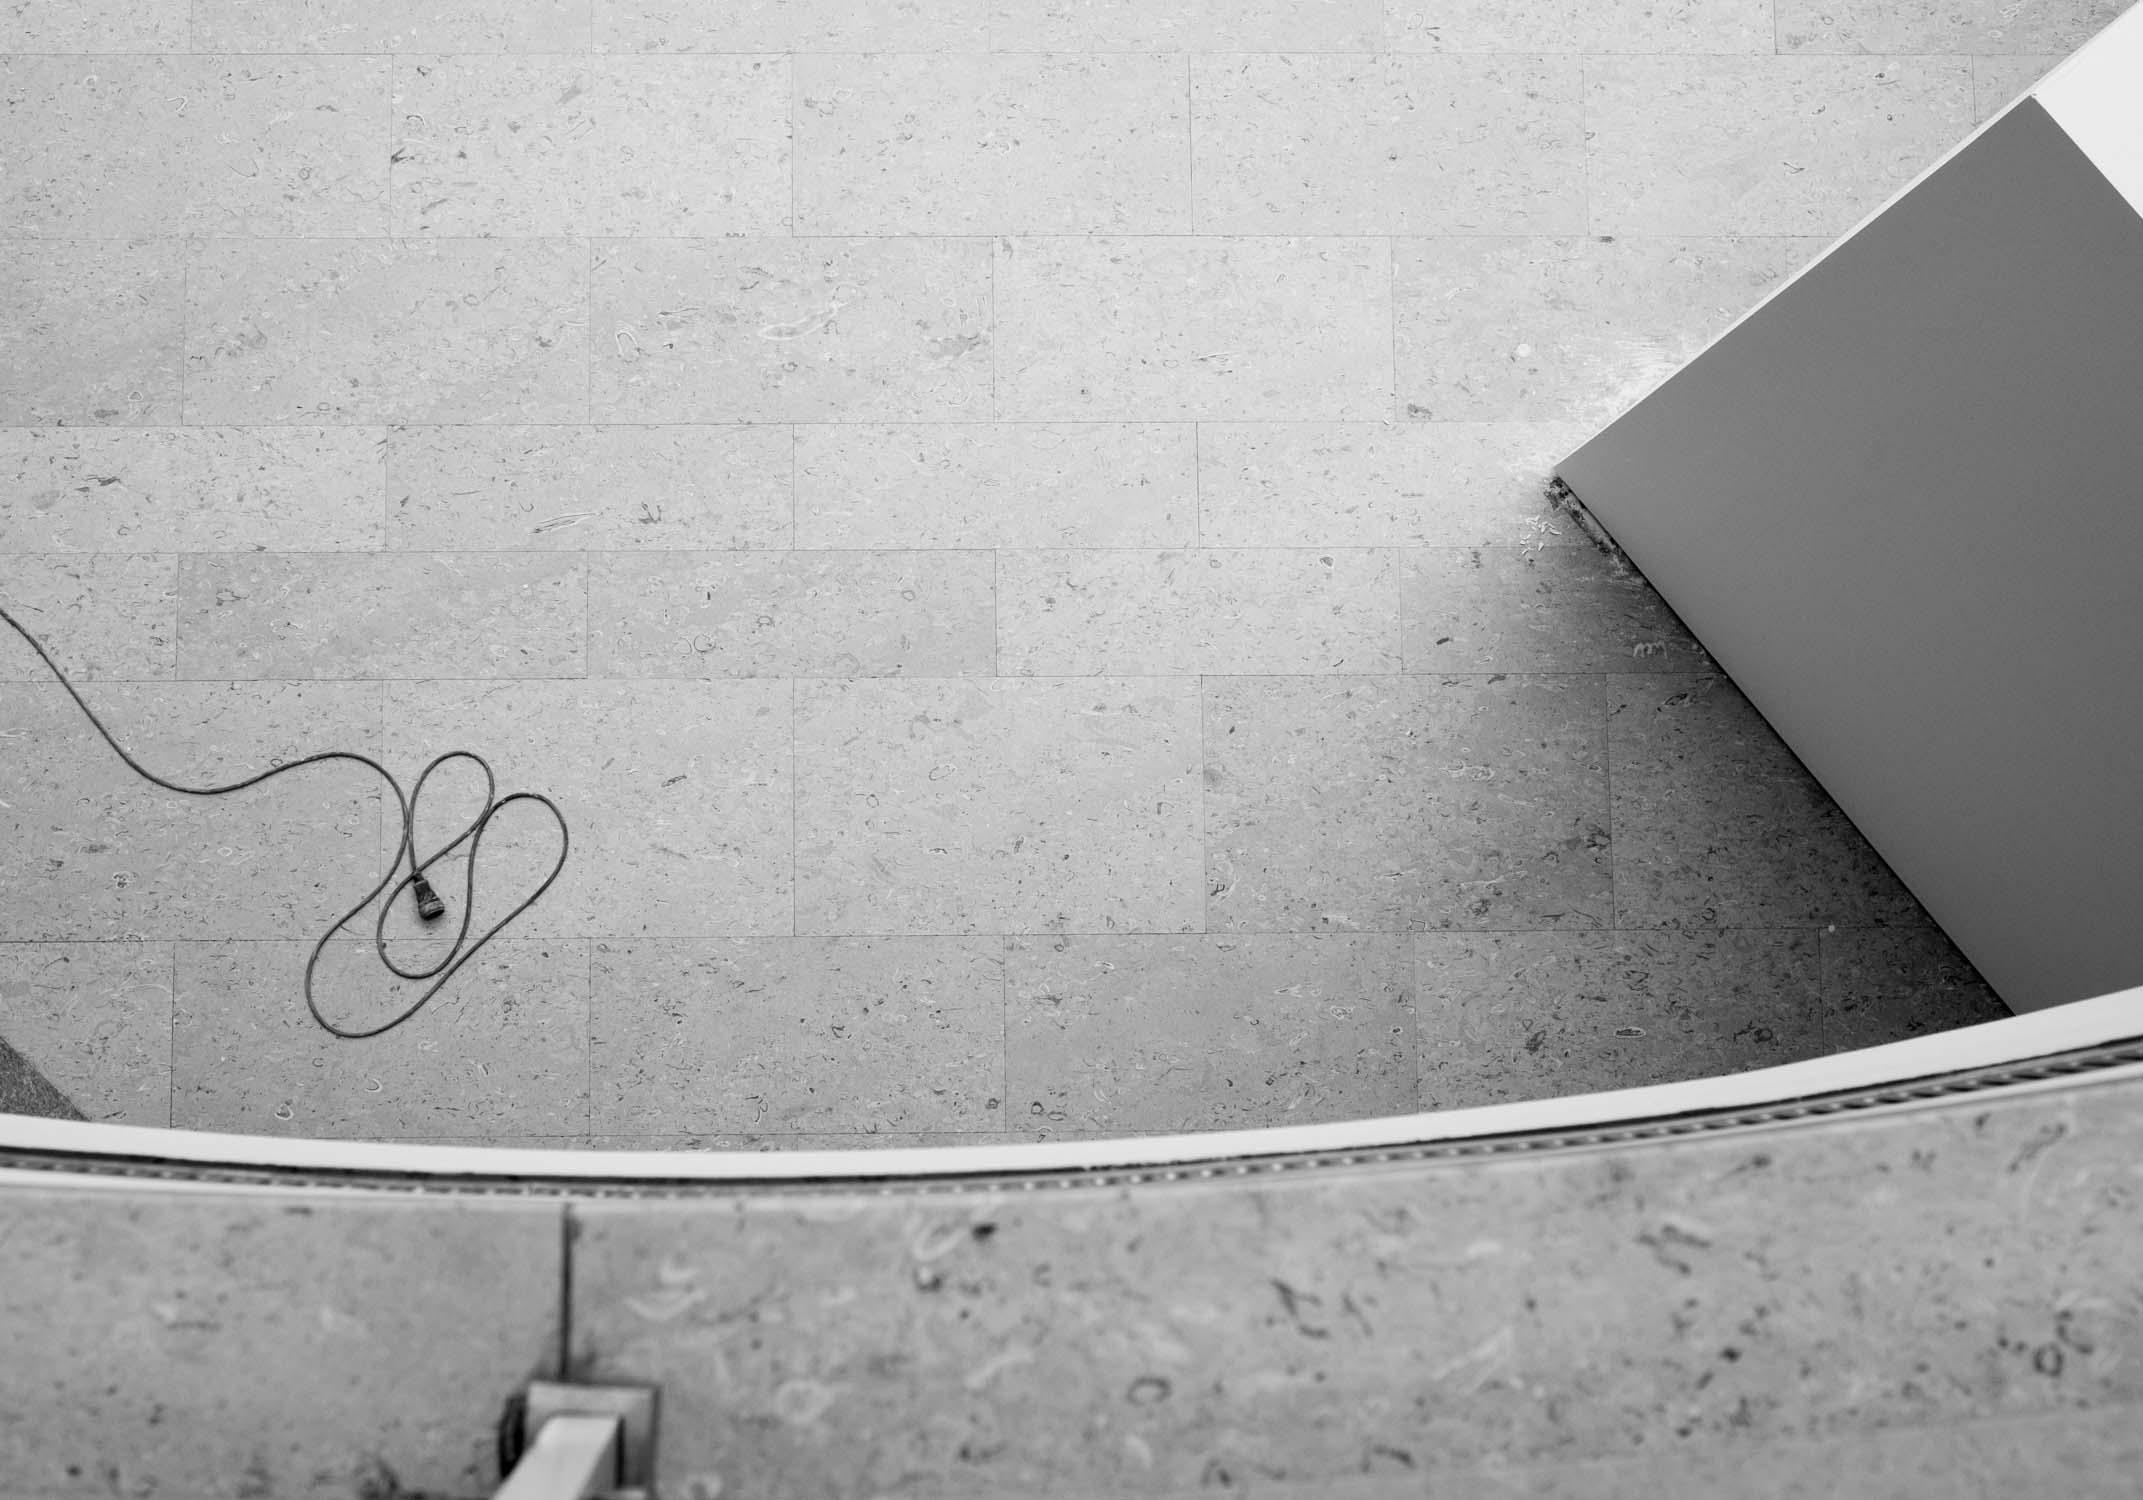 die bielefelder schule aufbau entstehung kabel boden Vogelperspektive wand ausstellung bielefeld fh gestaltung jörn strojny